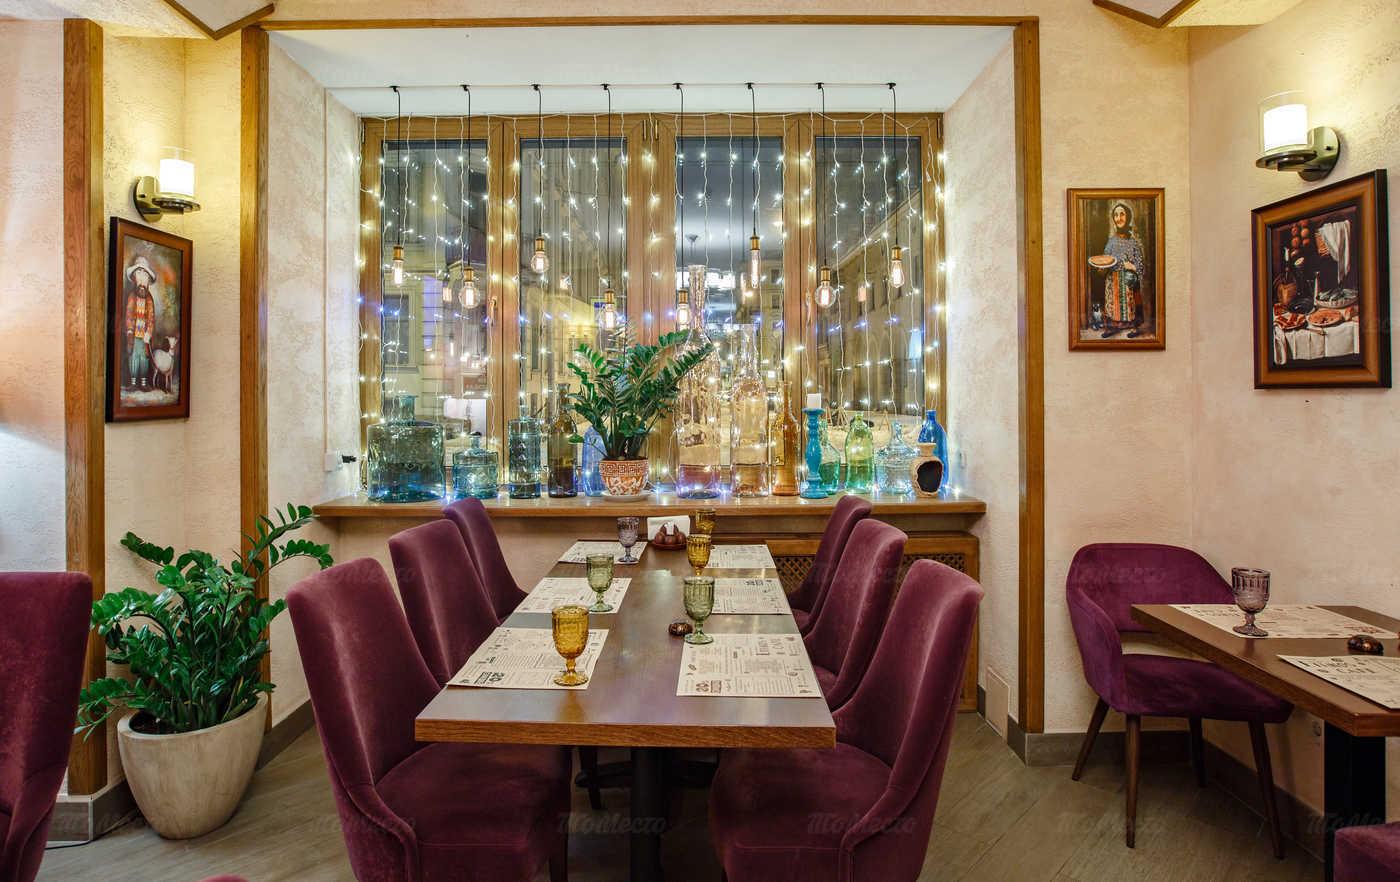 Кафе Этнос в Кузнечном переулке фото 6